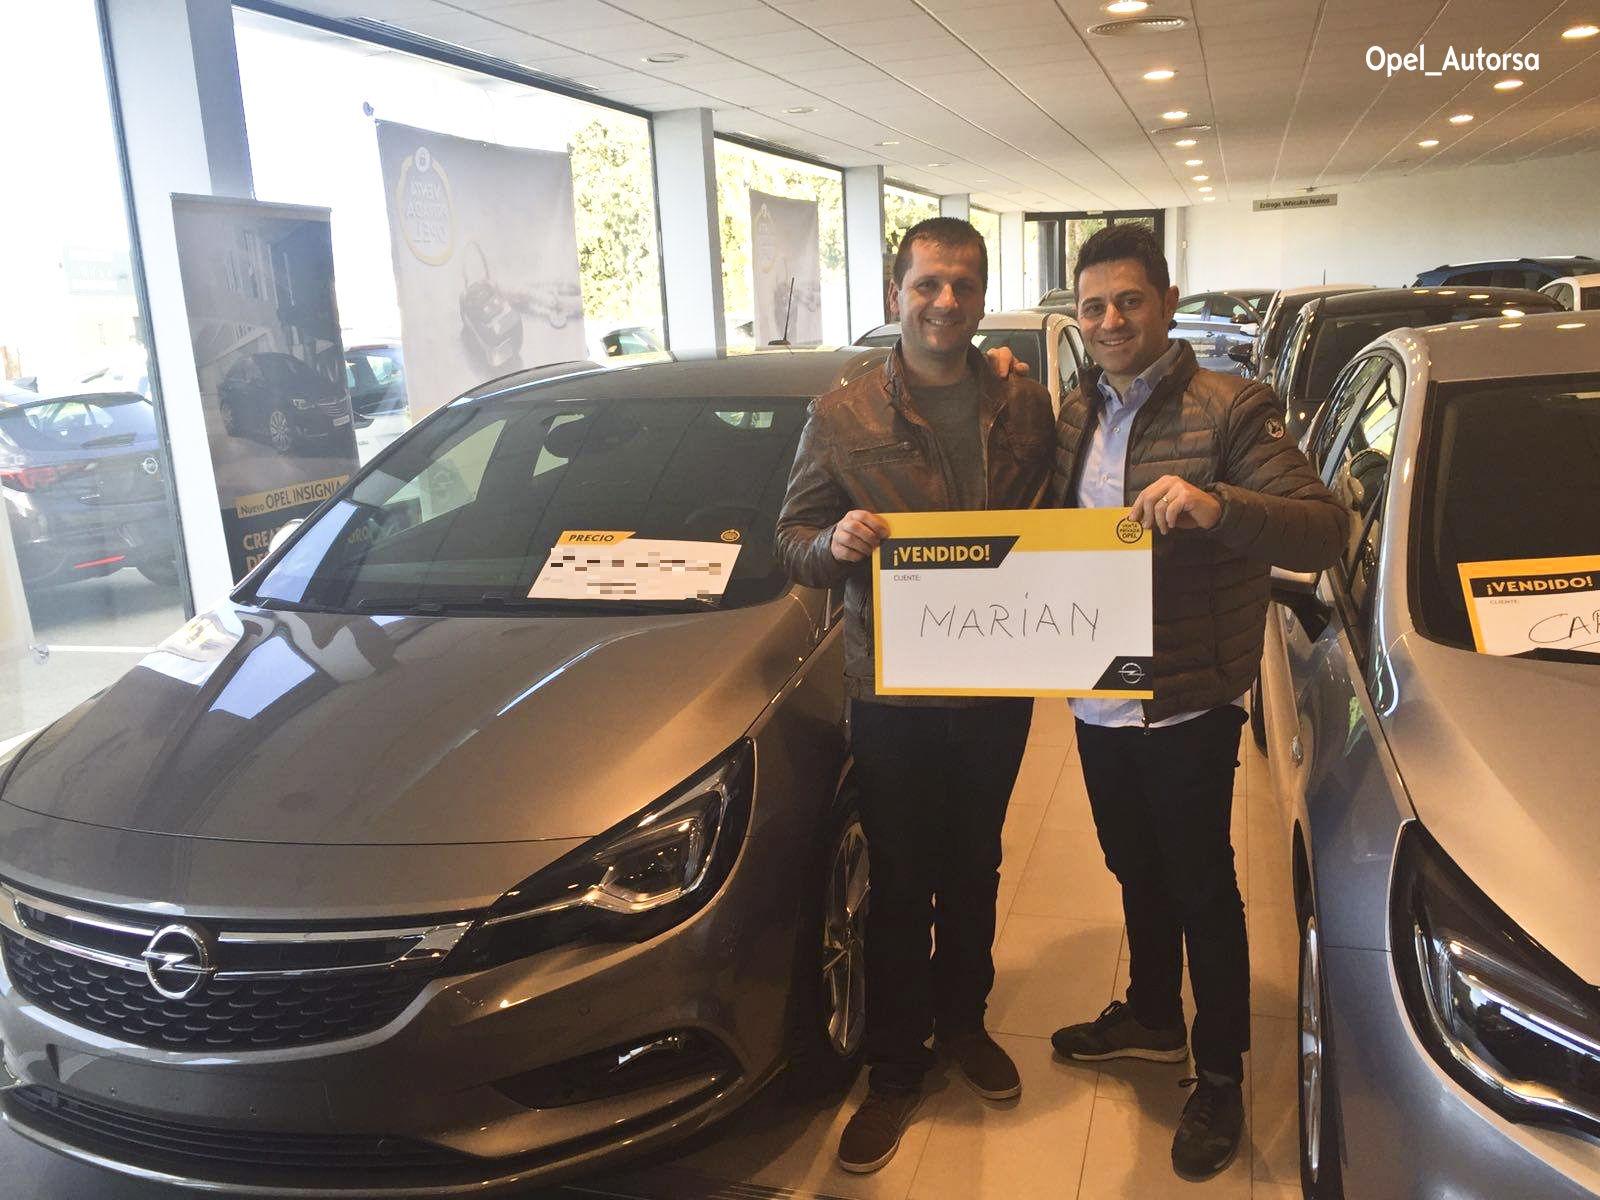 Venda Privada a Opel Autorsa